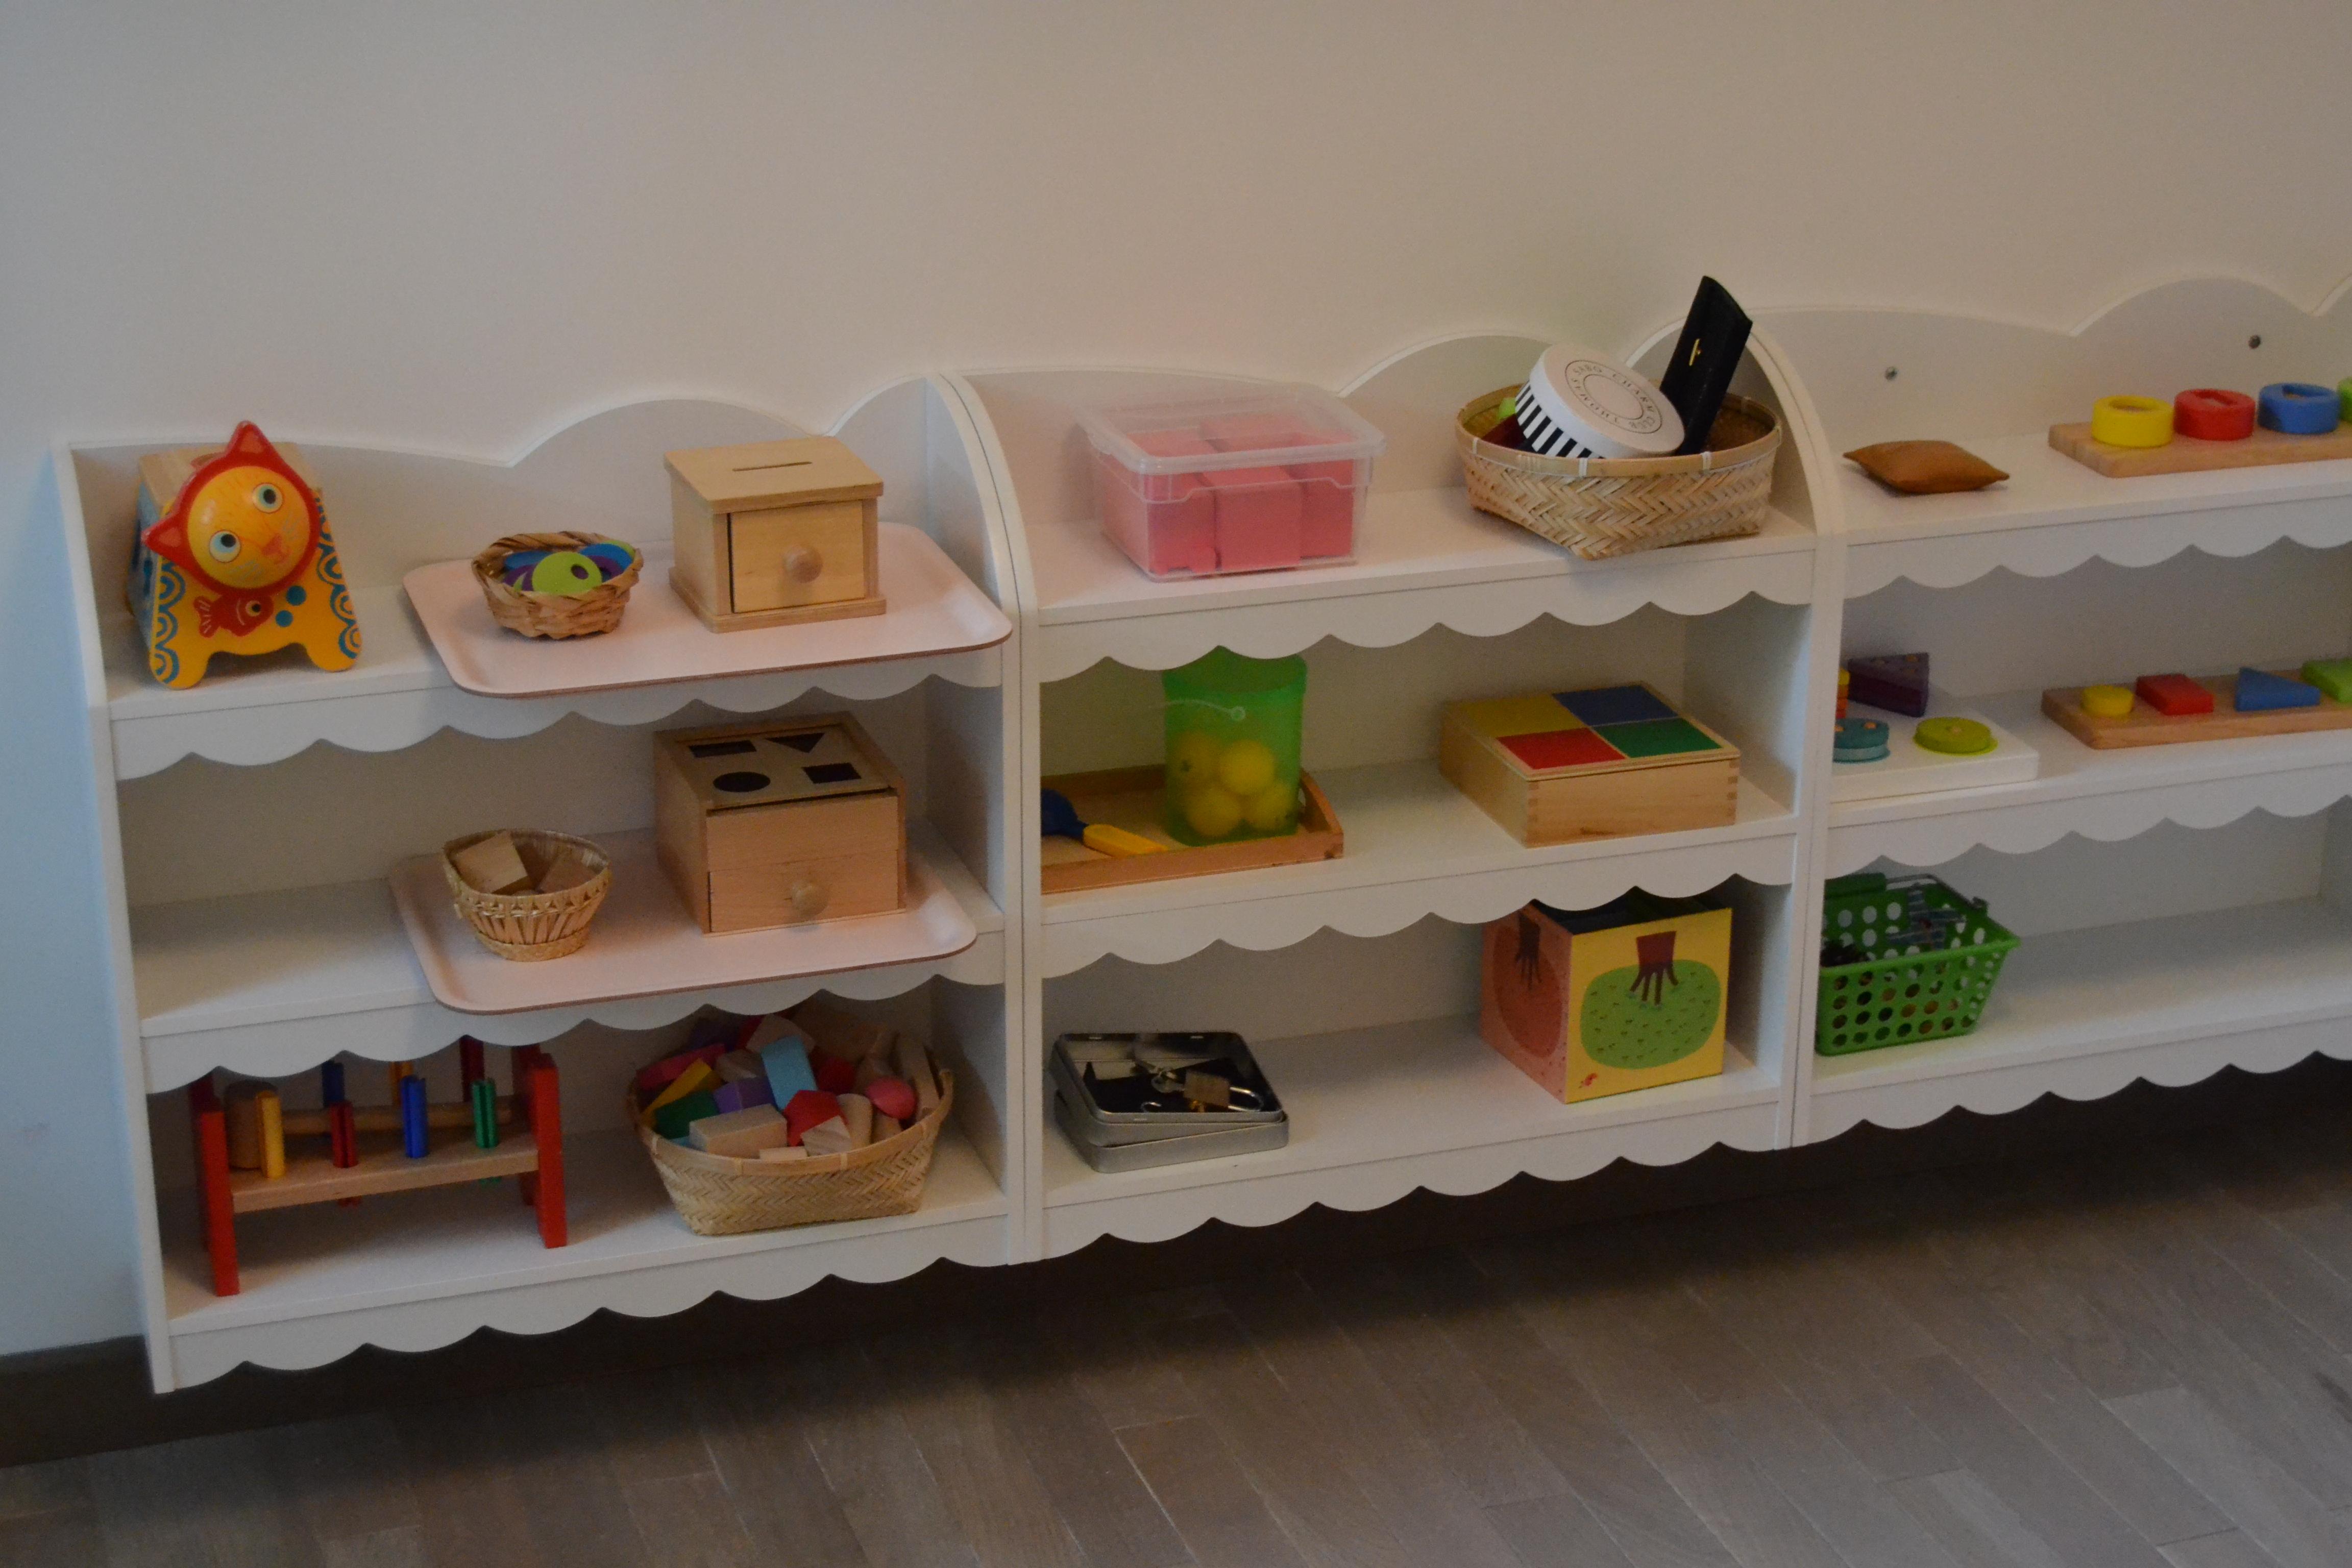 des astuces pour cr er une chambre d inspiration montessori le blog de maman k. Black Bedroom Furniture Sets. Home Design Ideas